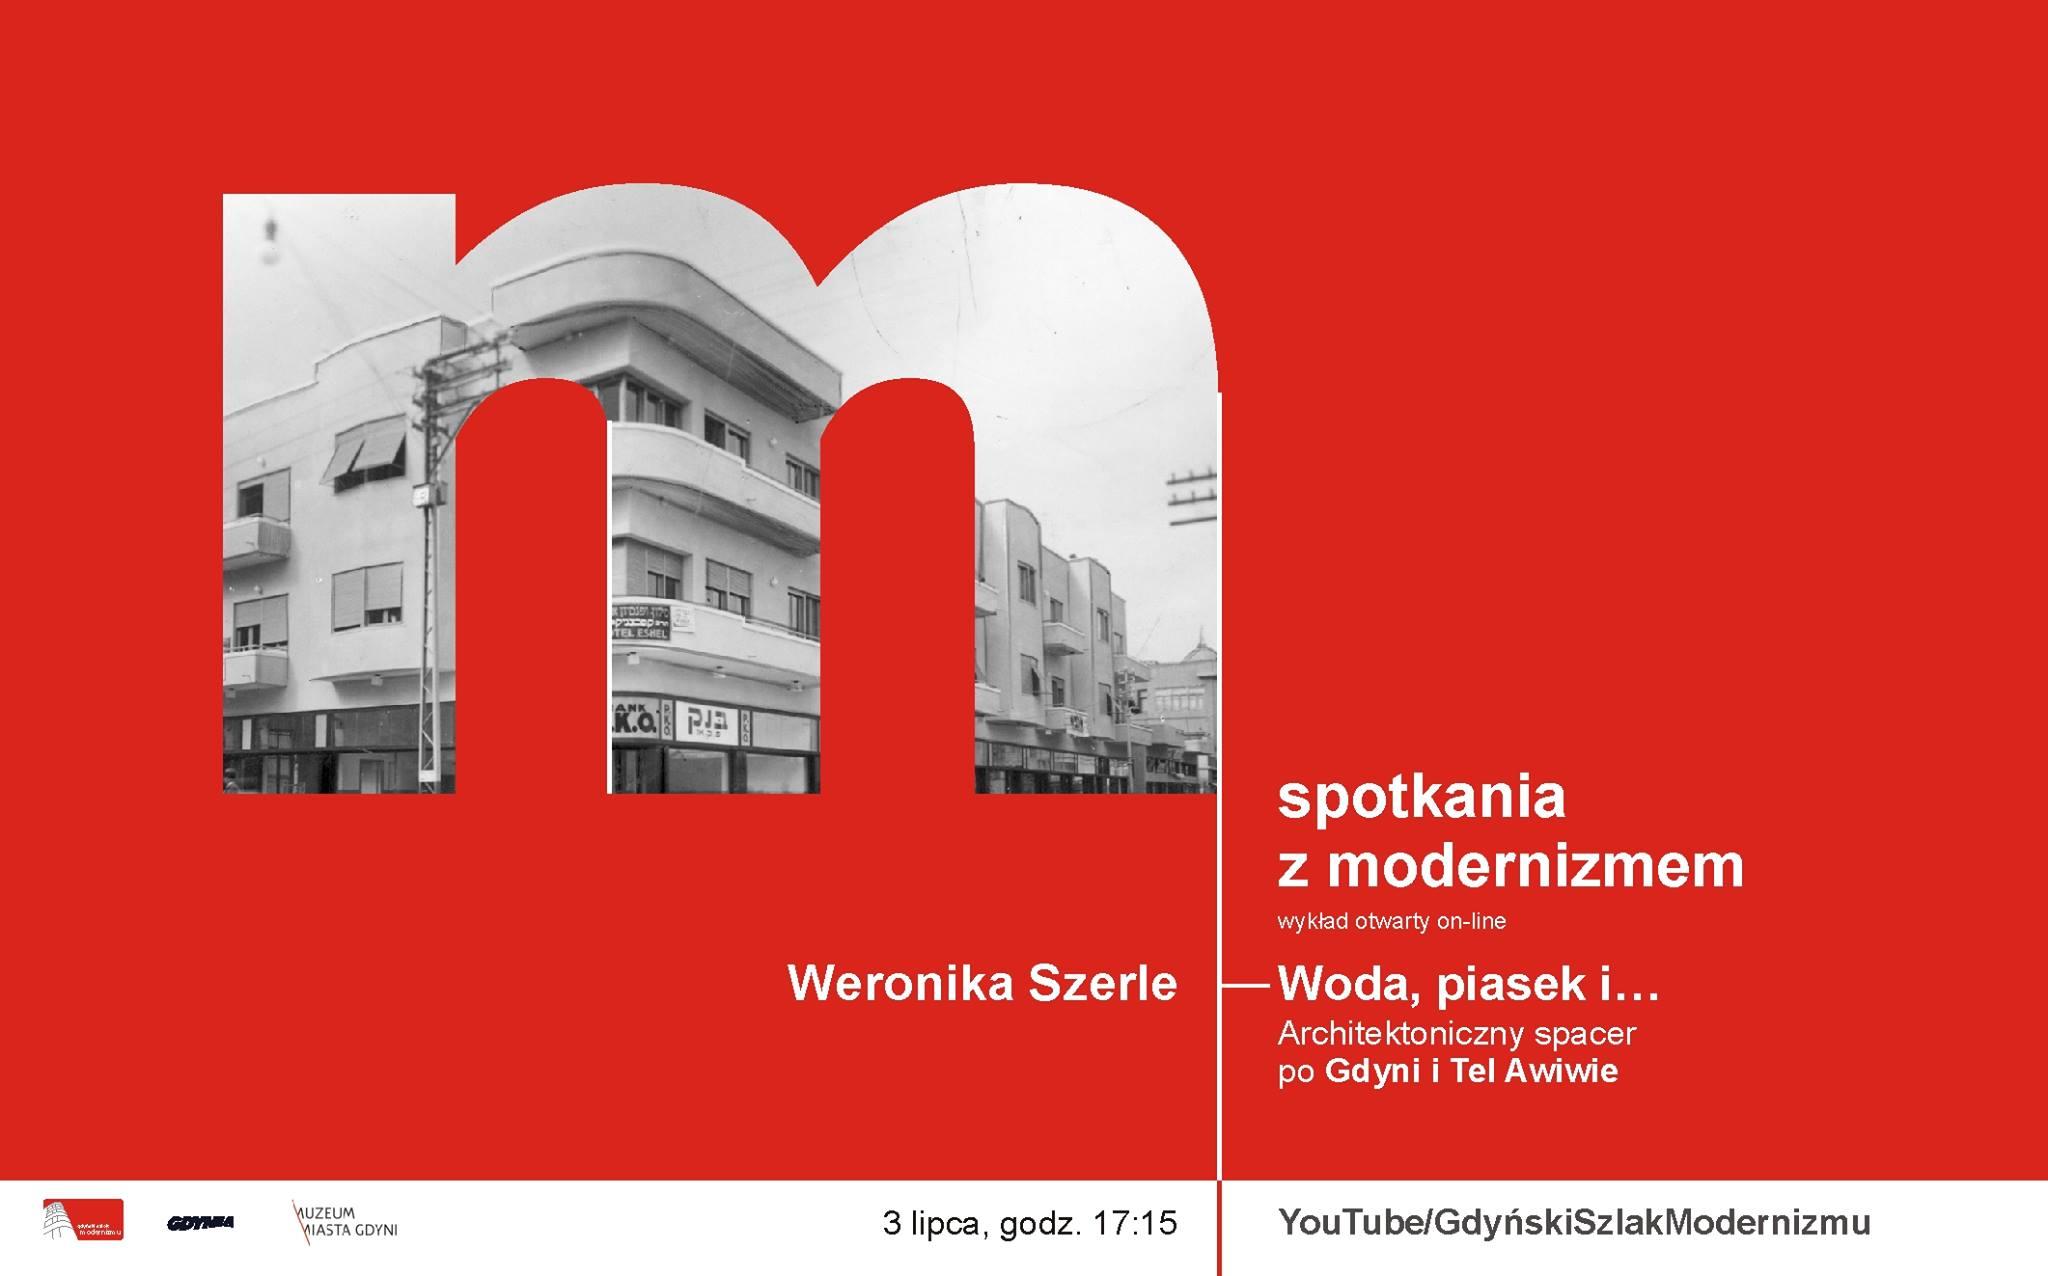 Woda, piasek i… architektoniczny spacer po Gdyni i Tel Awiwie